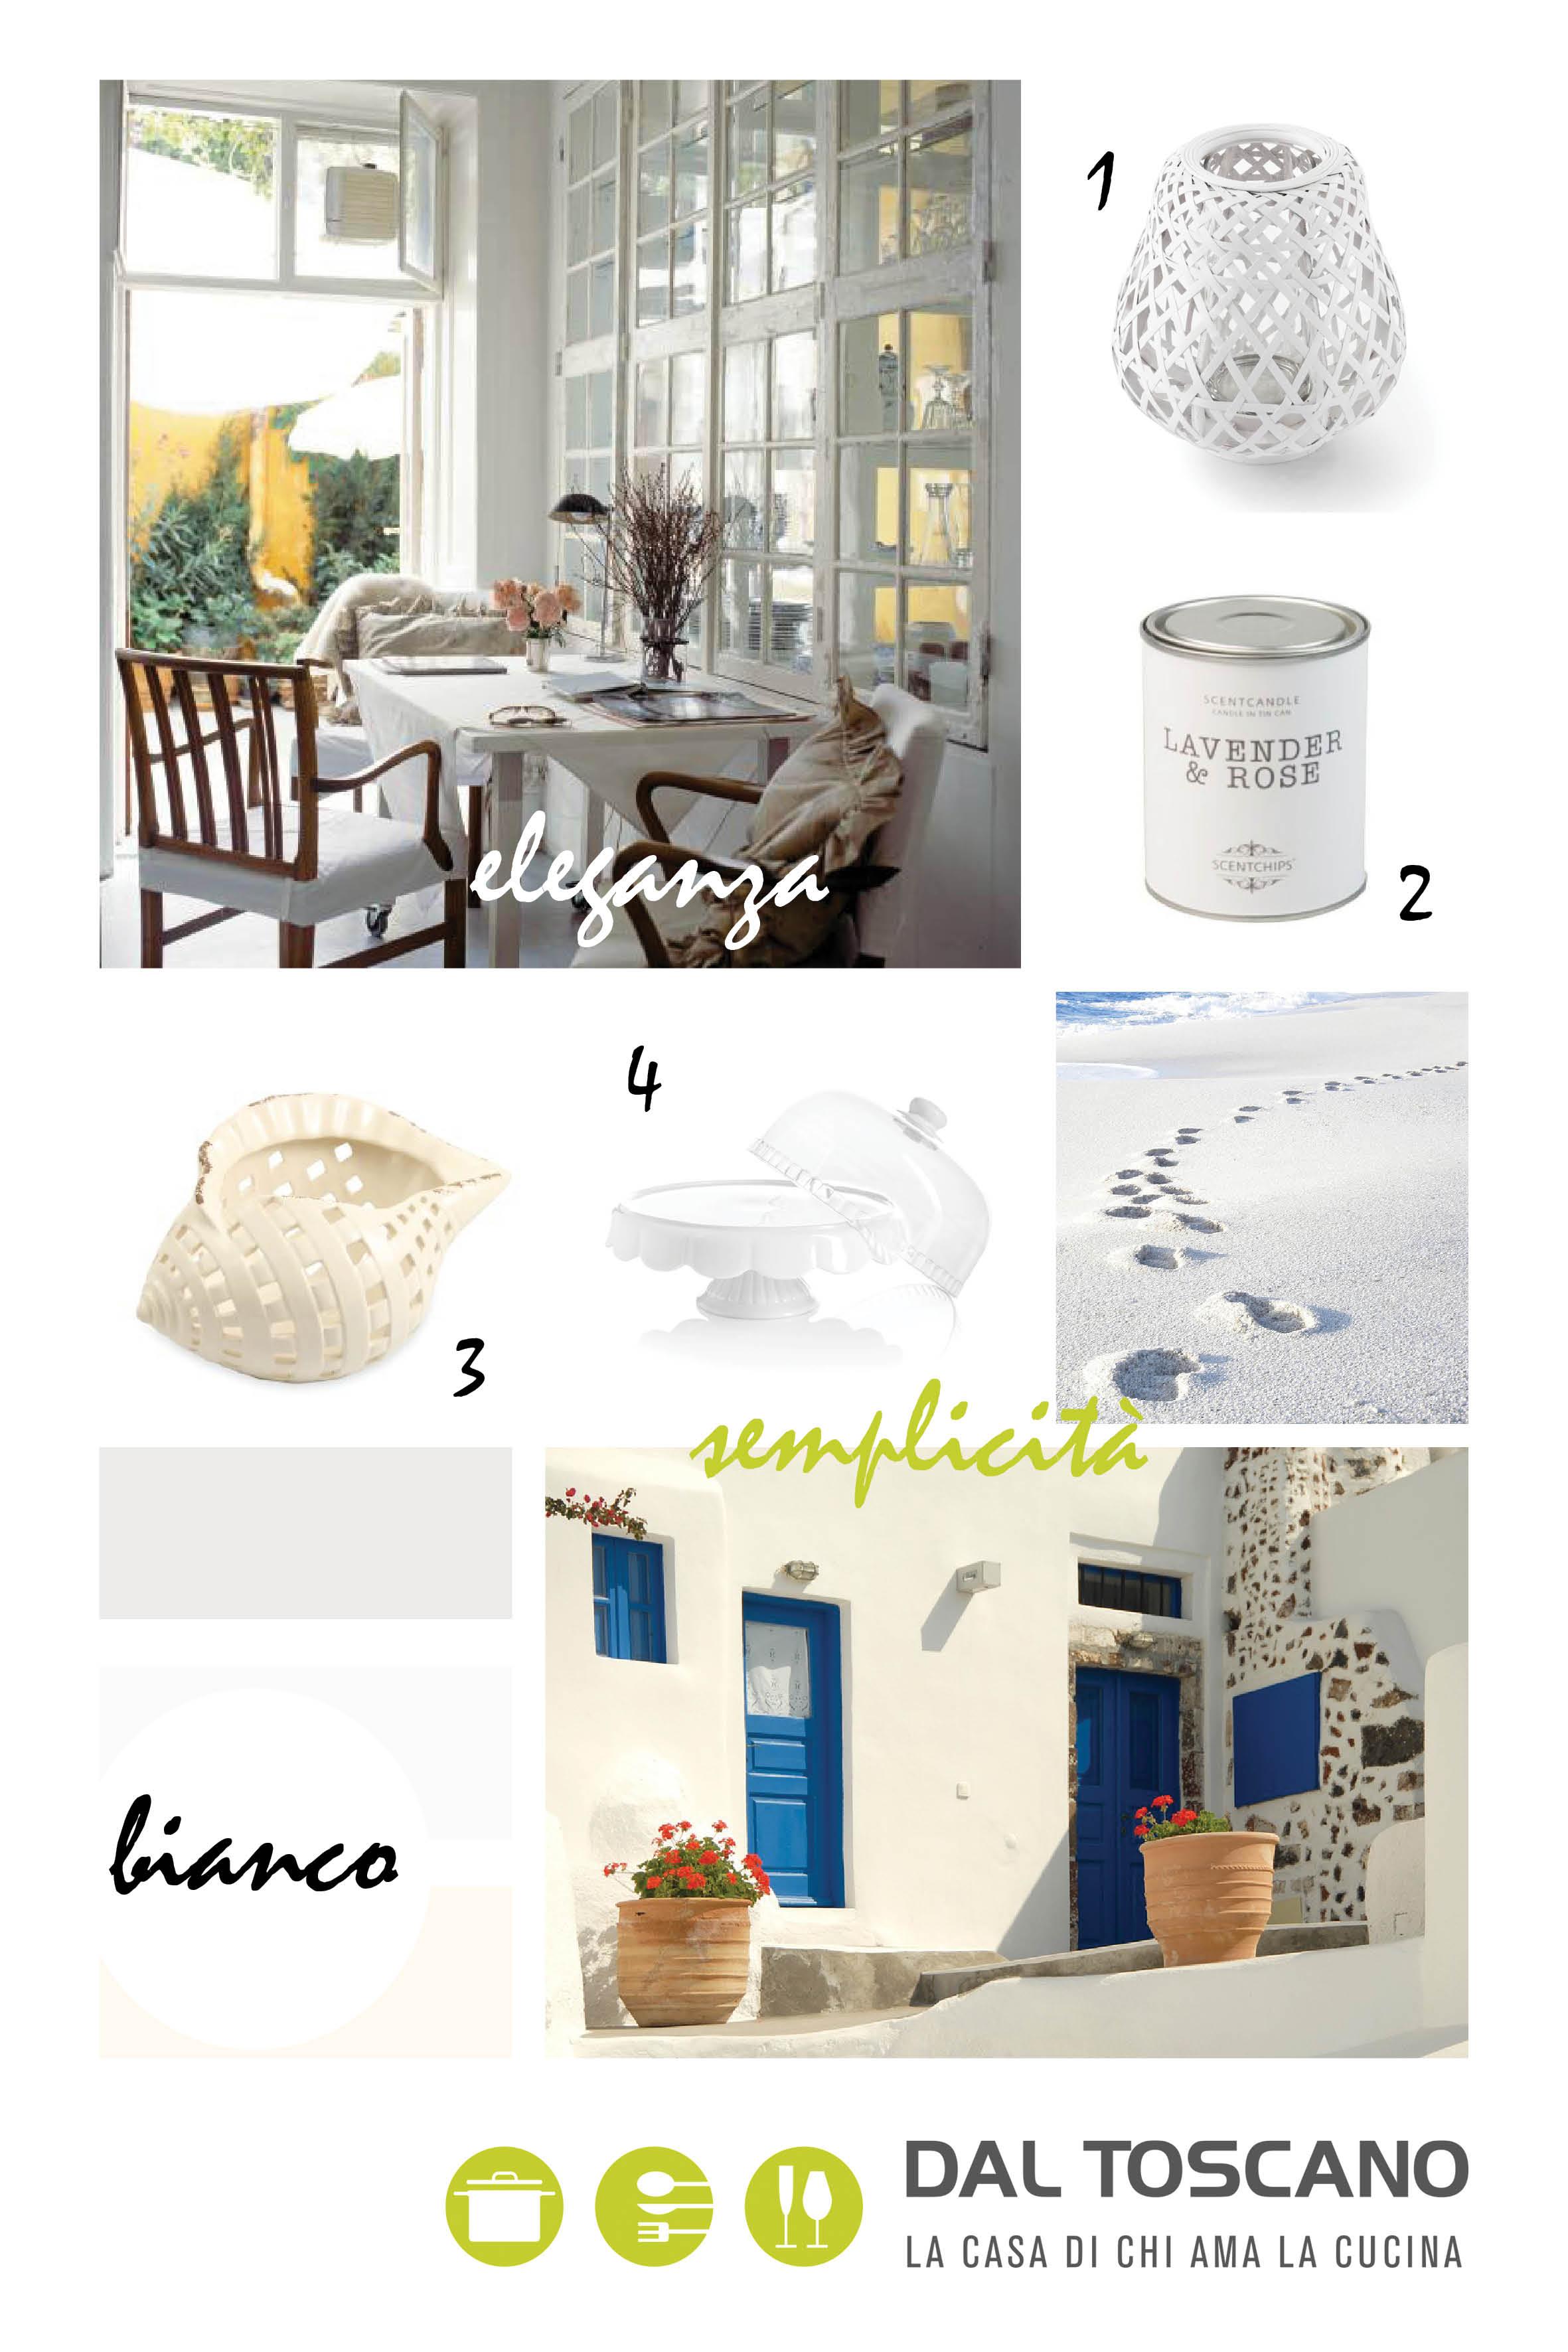 oggetti e accessori per la casa bianchi